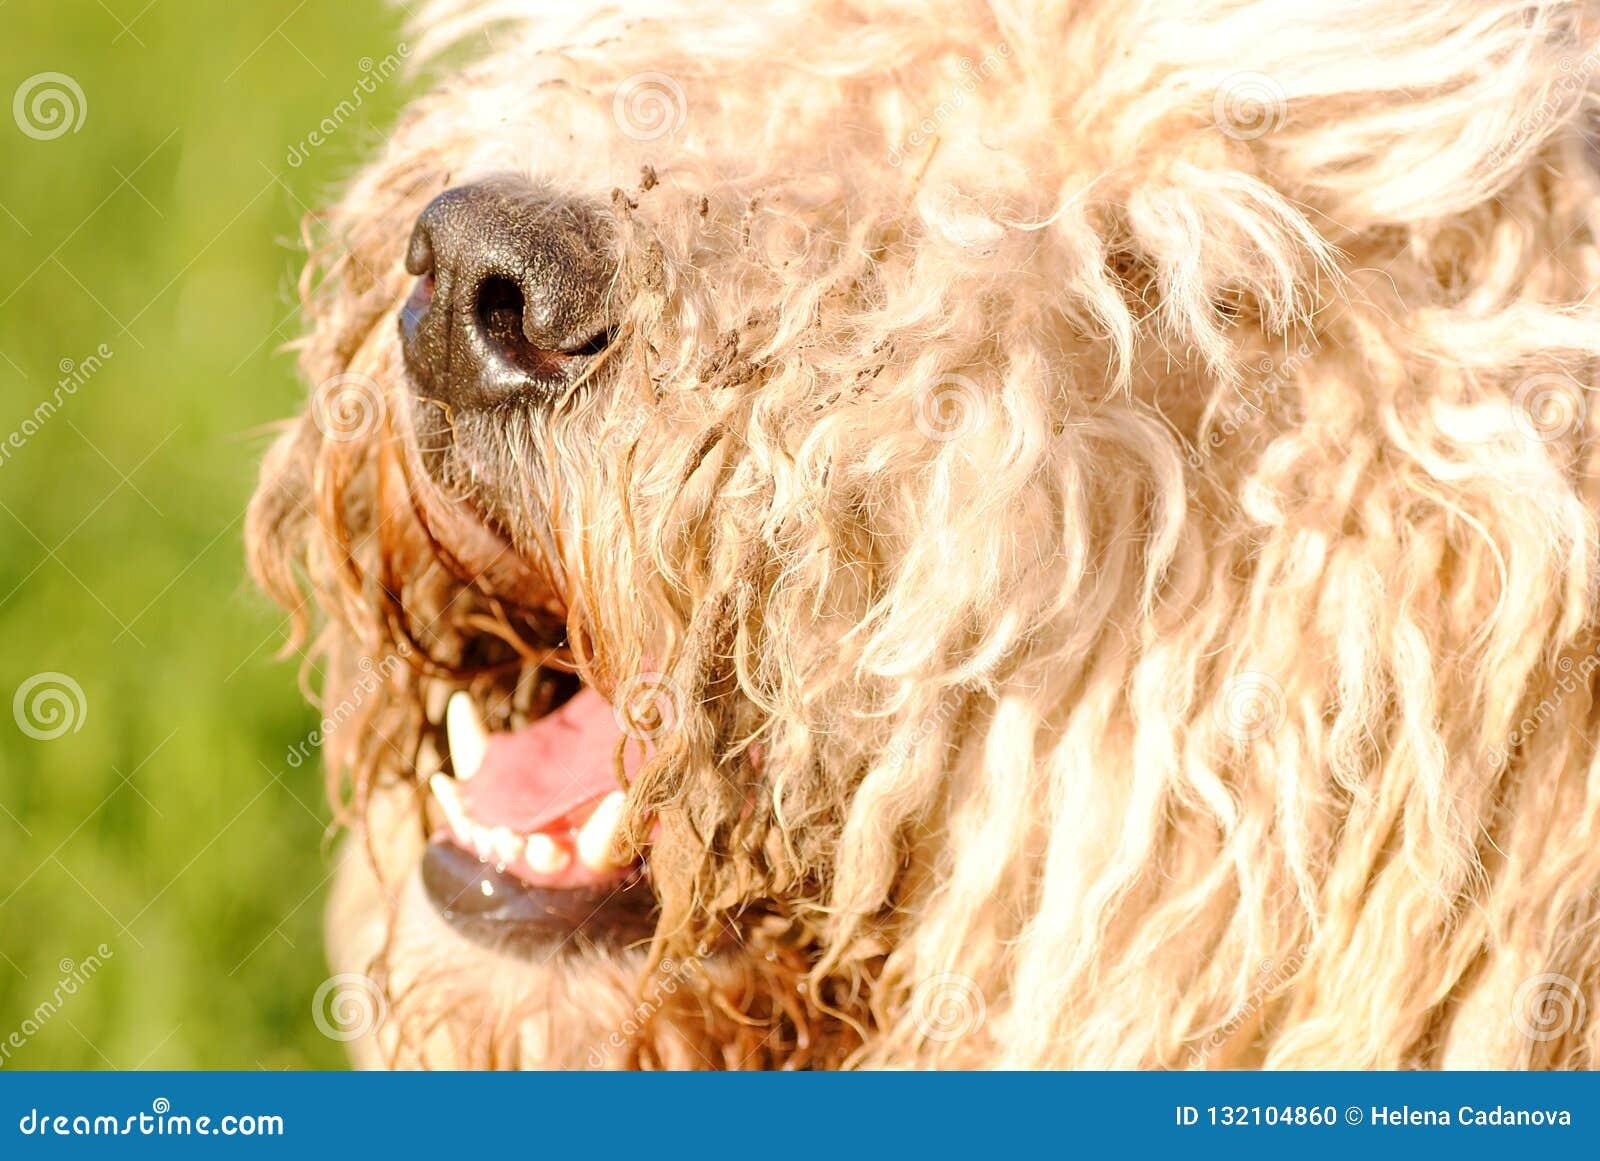 Μύτη του μεγάλου τριχωτού σκυλιού